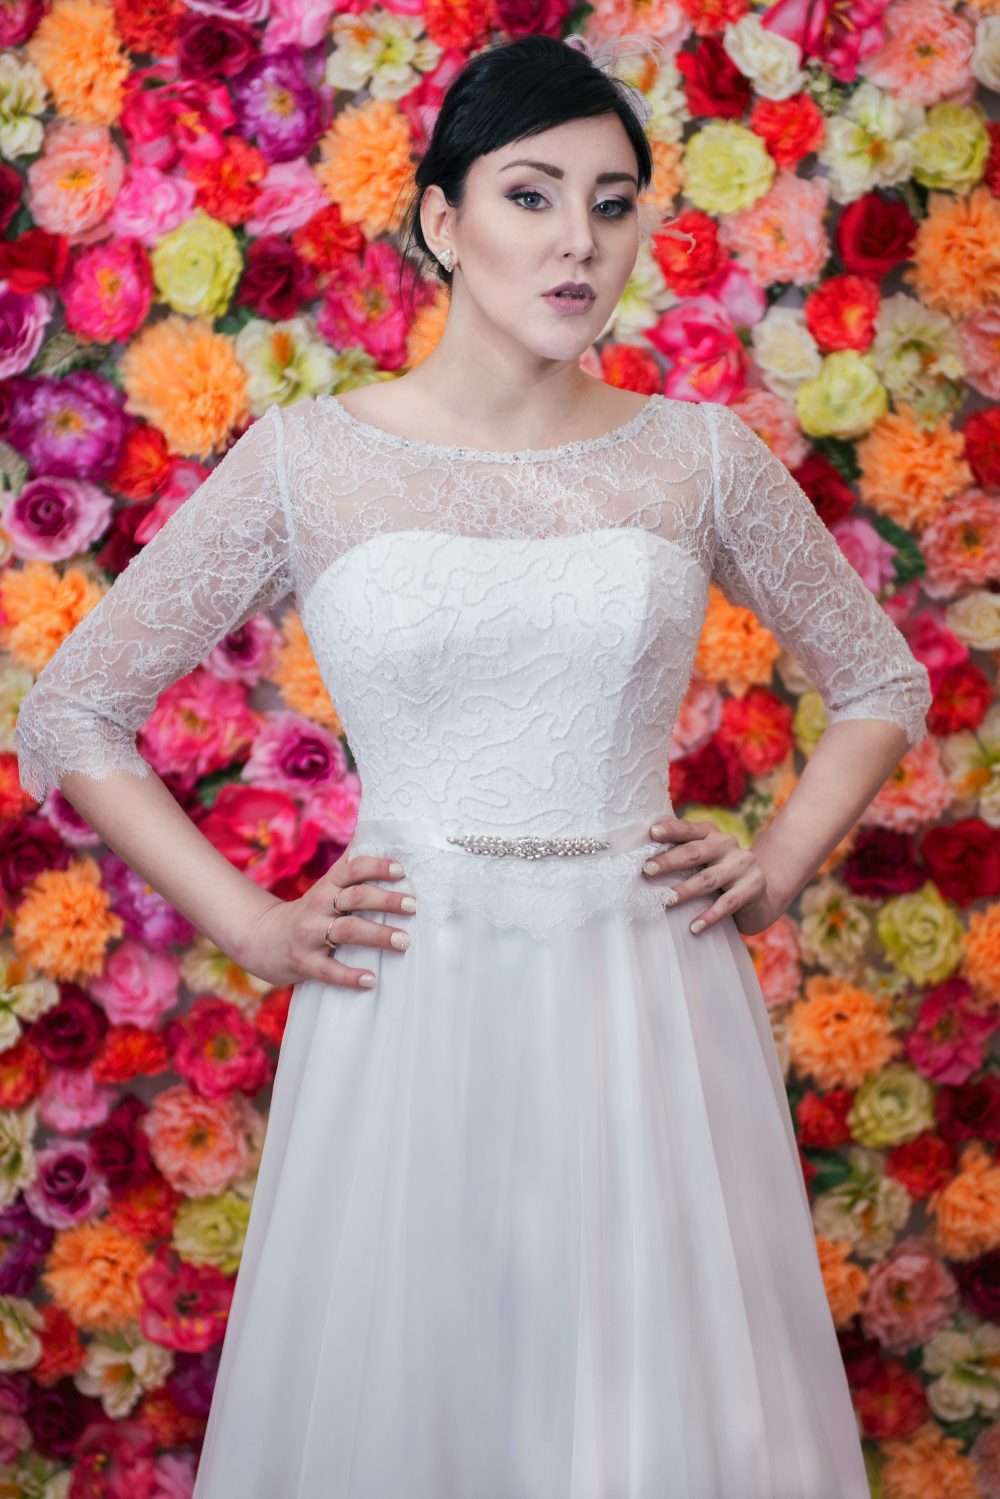 Suknia ślubna Model 711 Kolekcja Moda ślubna żary Lubuskie